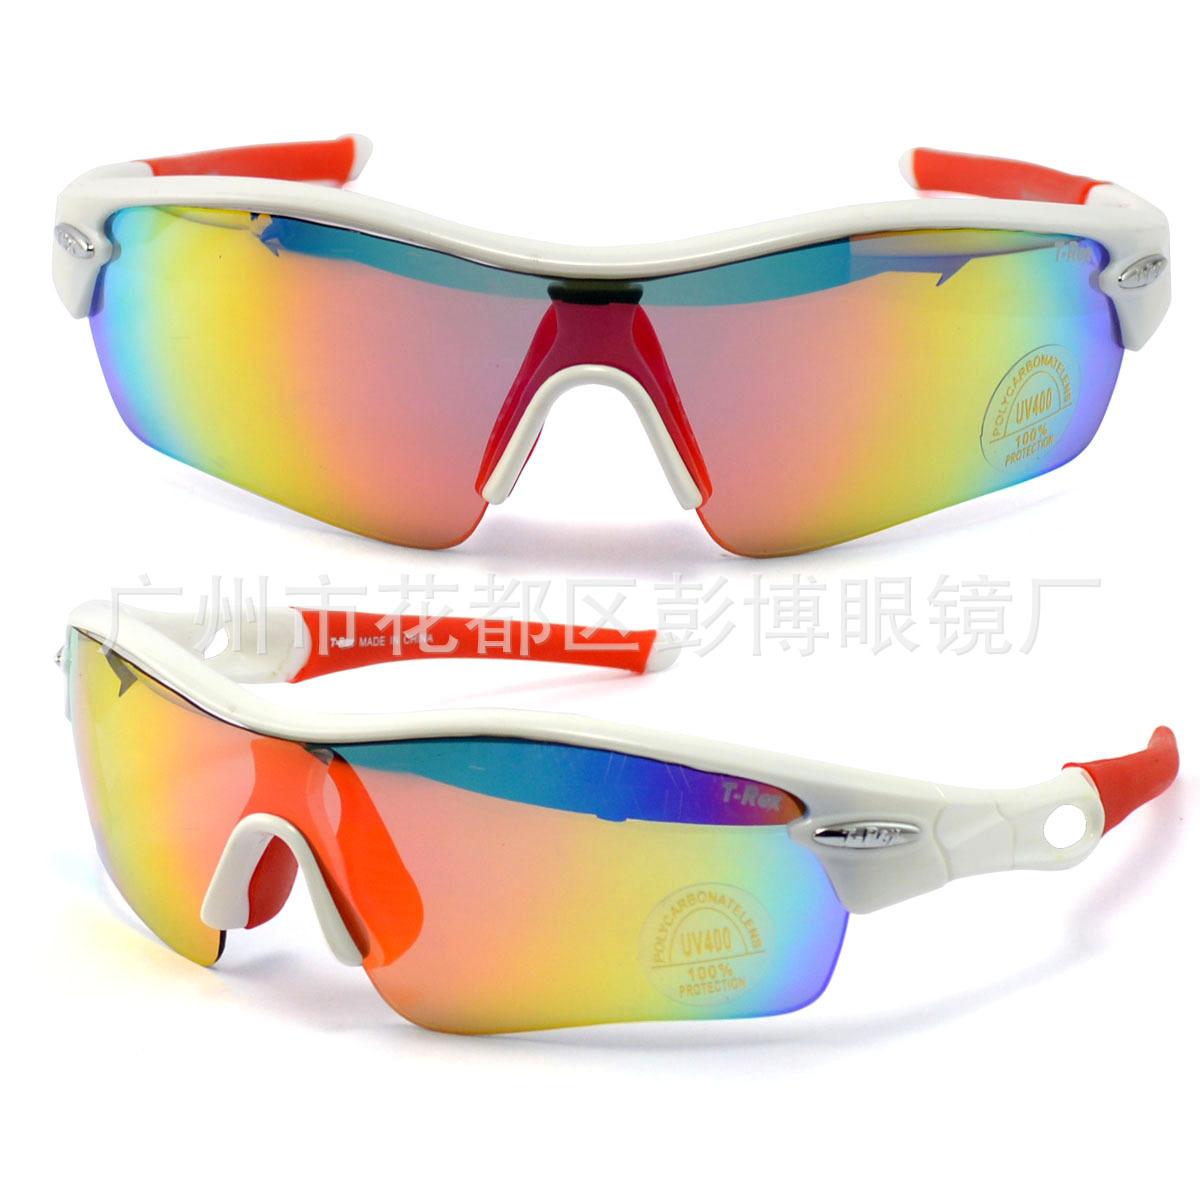 户外运动眼镜|山地自行车风镜|户外运动护具|防紫外线换片眼镜